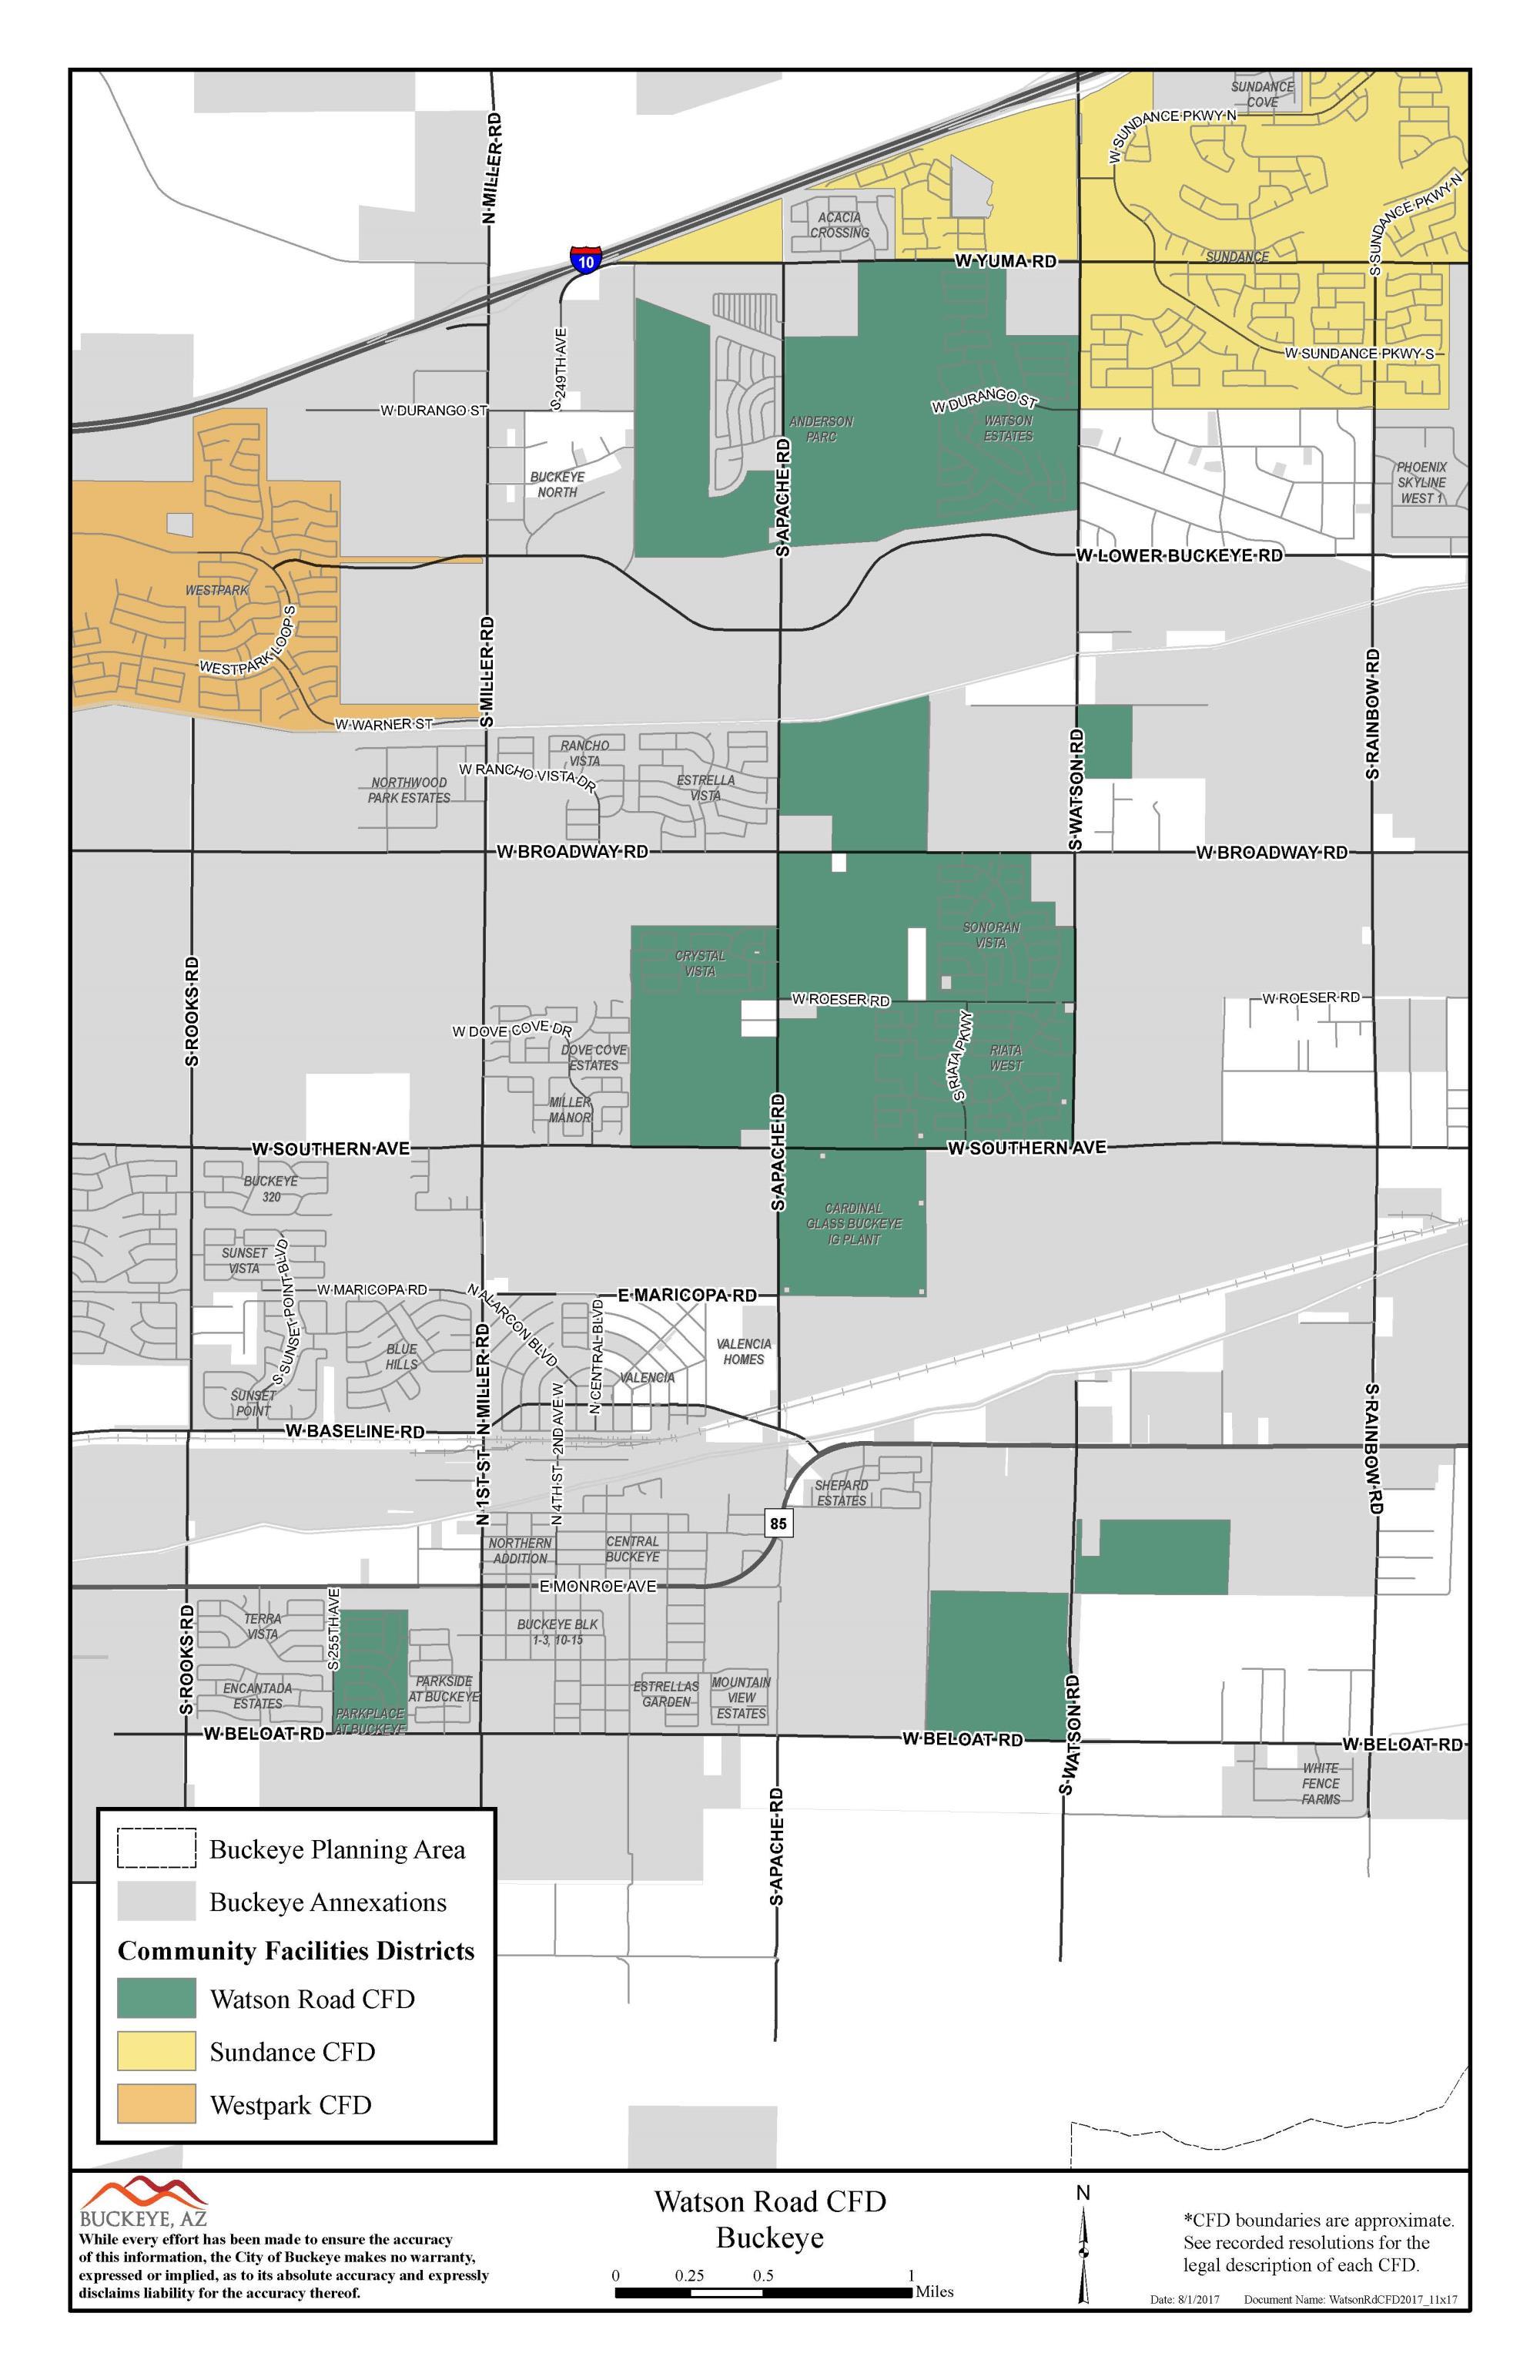 Watson Rd CFD | City of Buckeye on san luis arizona map, buckeye mini storage, verrado community map, buckeye wv map, philadelphia pennsylvania on us map, buckeye valley high school map, buckeye trail map, bullhead city arizona map, bar x ranch map, buckeye union high school, arizona weather map, buckeye arizona, buckeye city, buckeye system map, arizona united states map, buckeye hills regional park,